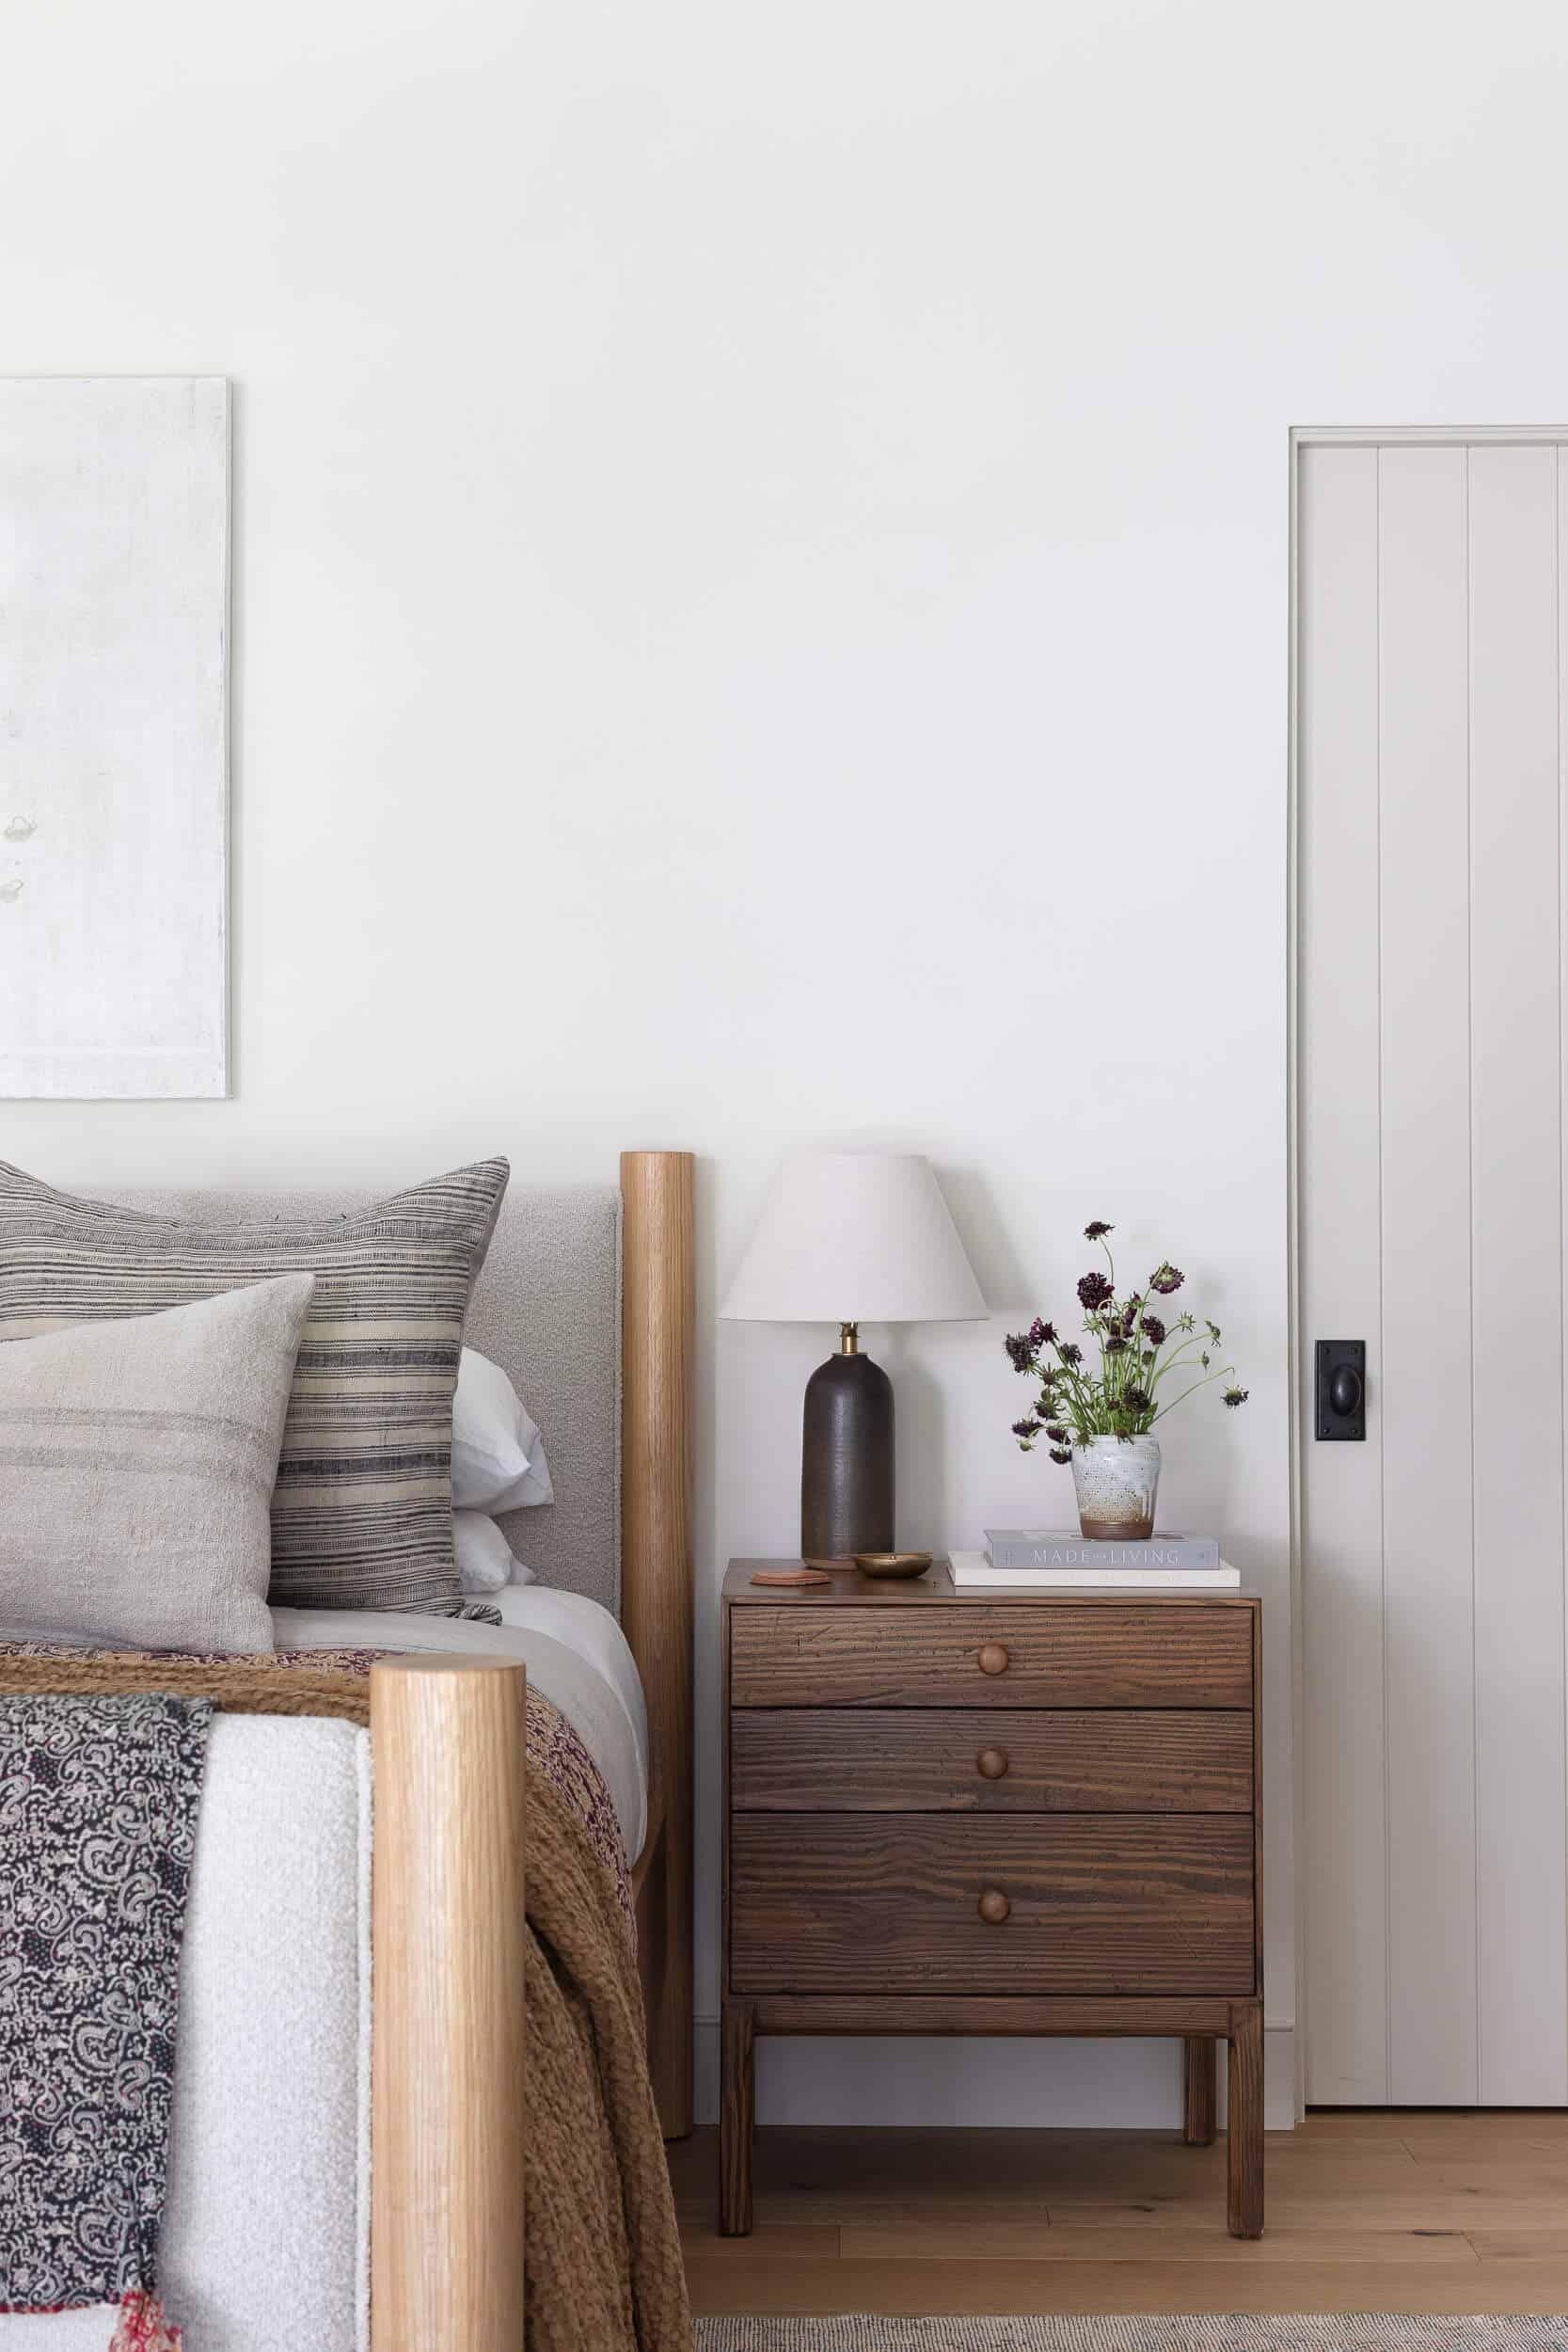 spavaća soba u stilu zapadne obale